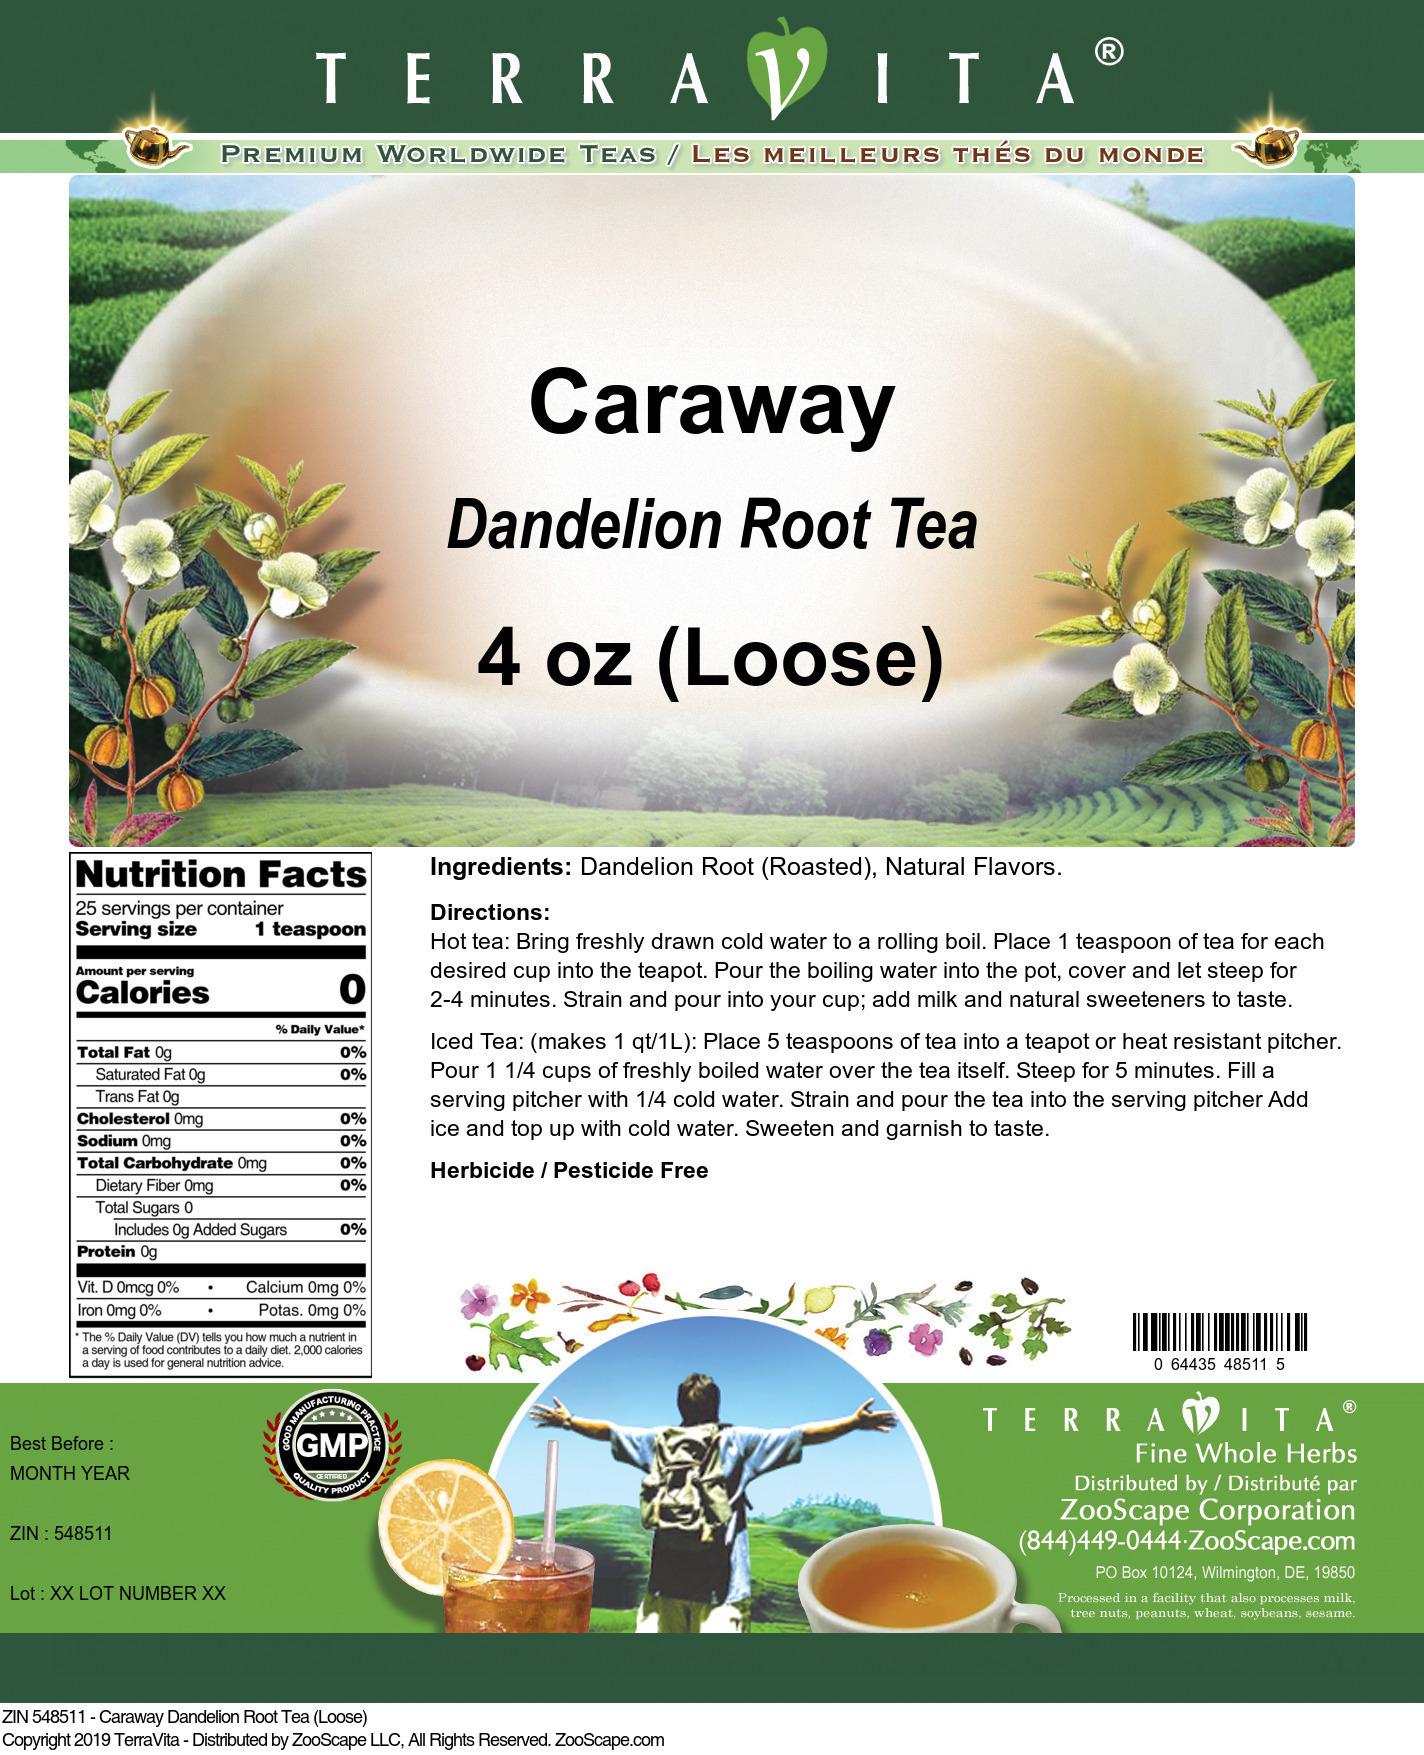 Caraway Dandelion Root